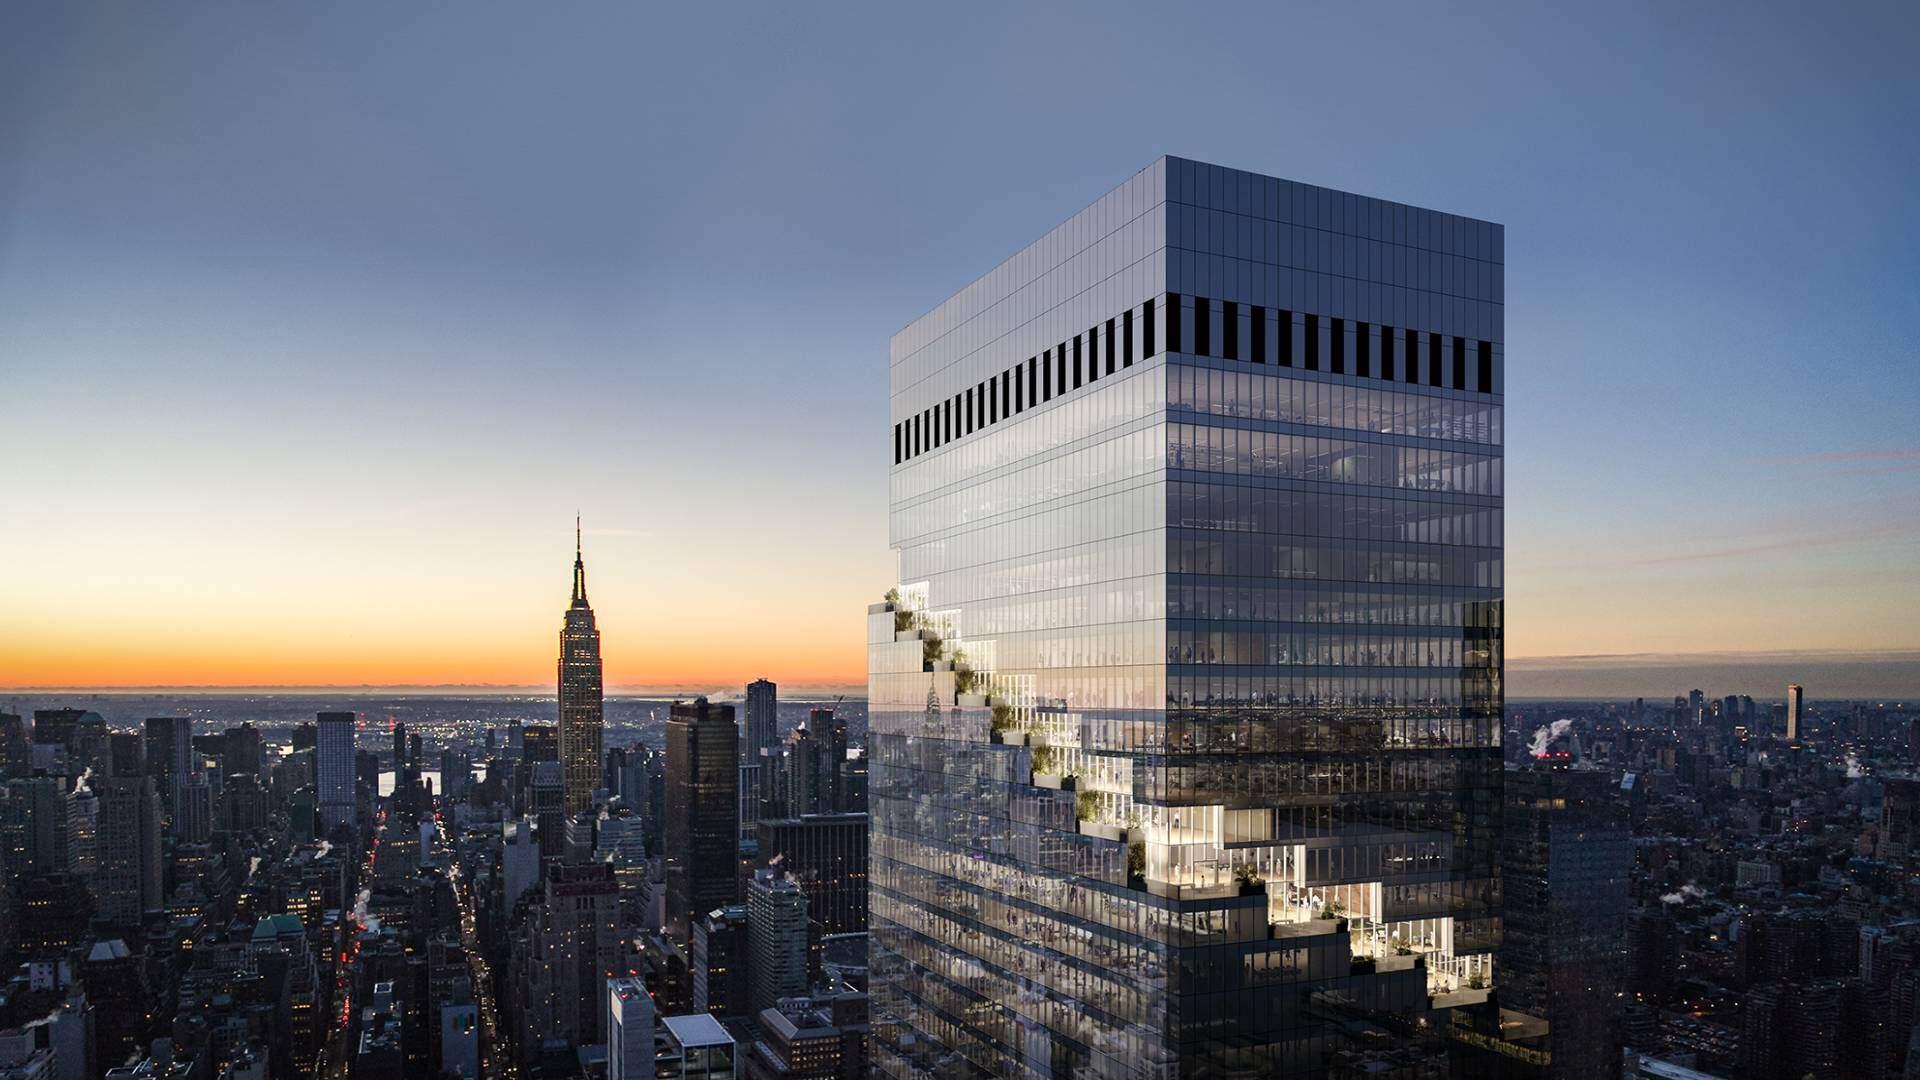 the-spiral-rascacielos-de-bjarke-ingels-group-en-ny-1-alt